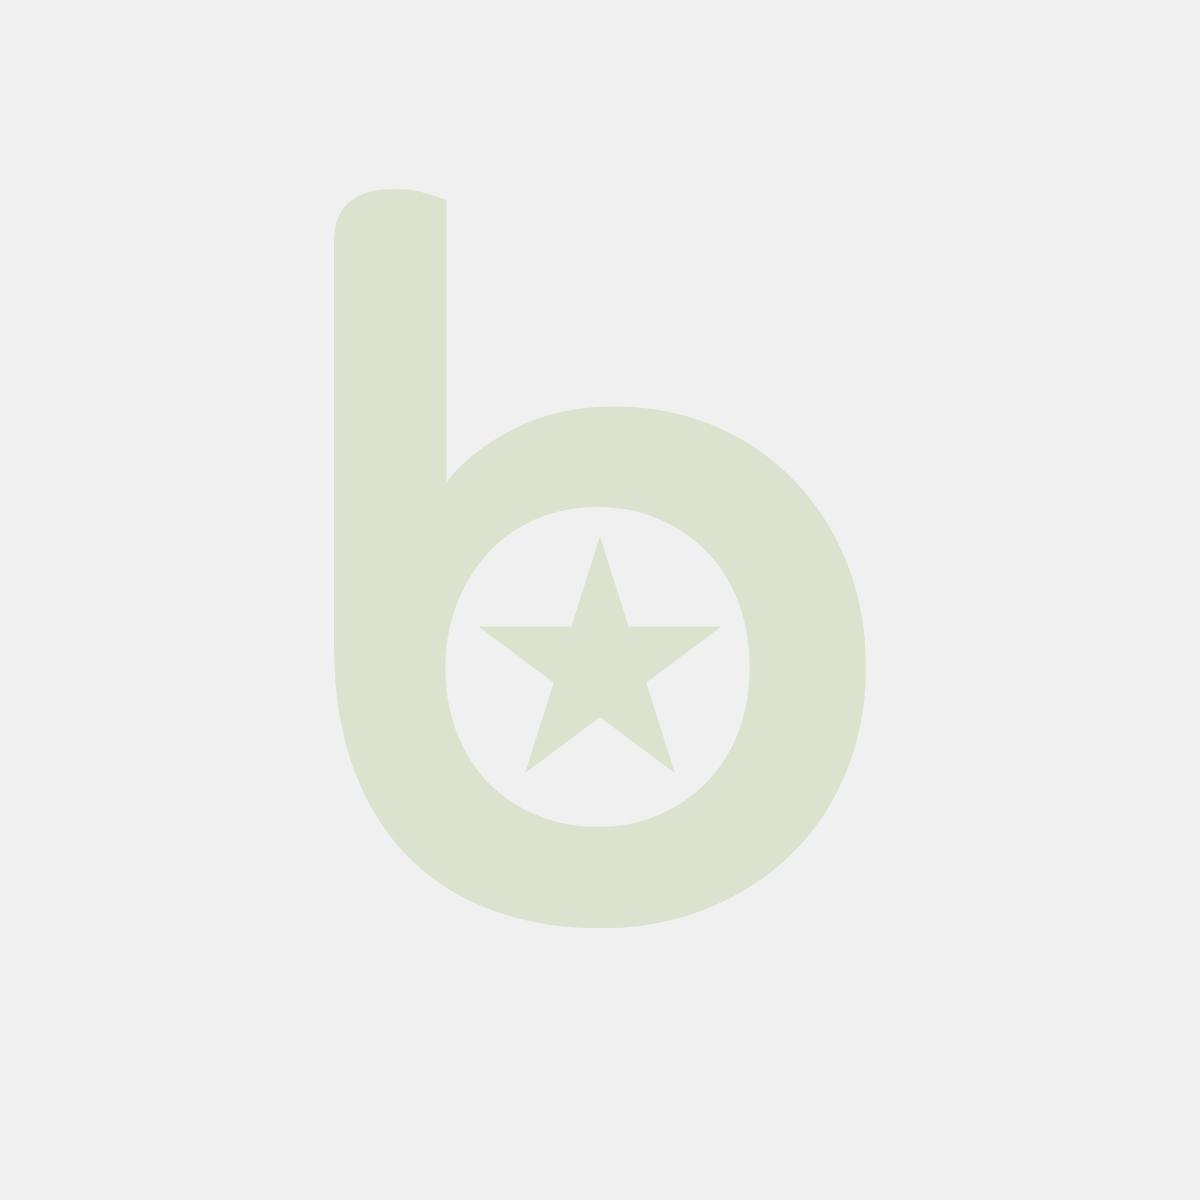 Pokrywka Do Gn Kitchen Line - Z Wycięciem Na Chochlę Gn 1/2